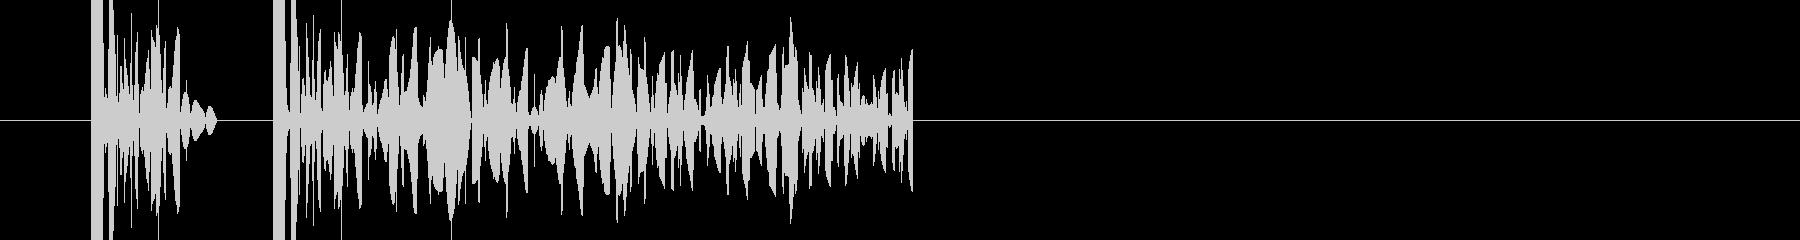 クイズ 不正解 違う時 の未再生の波形